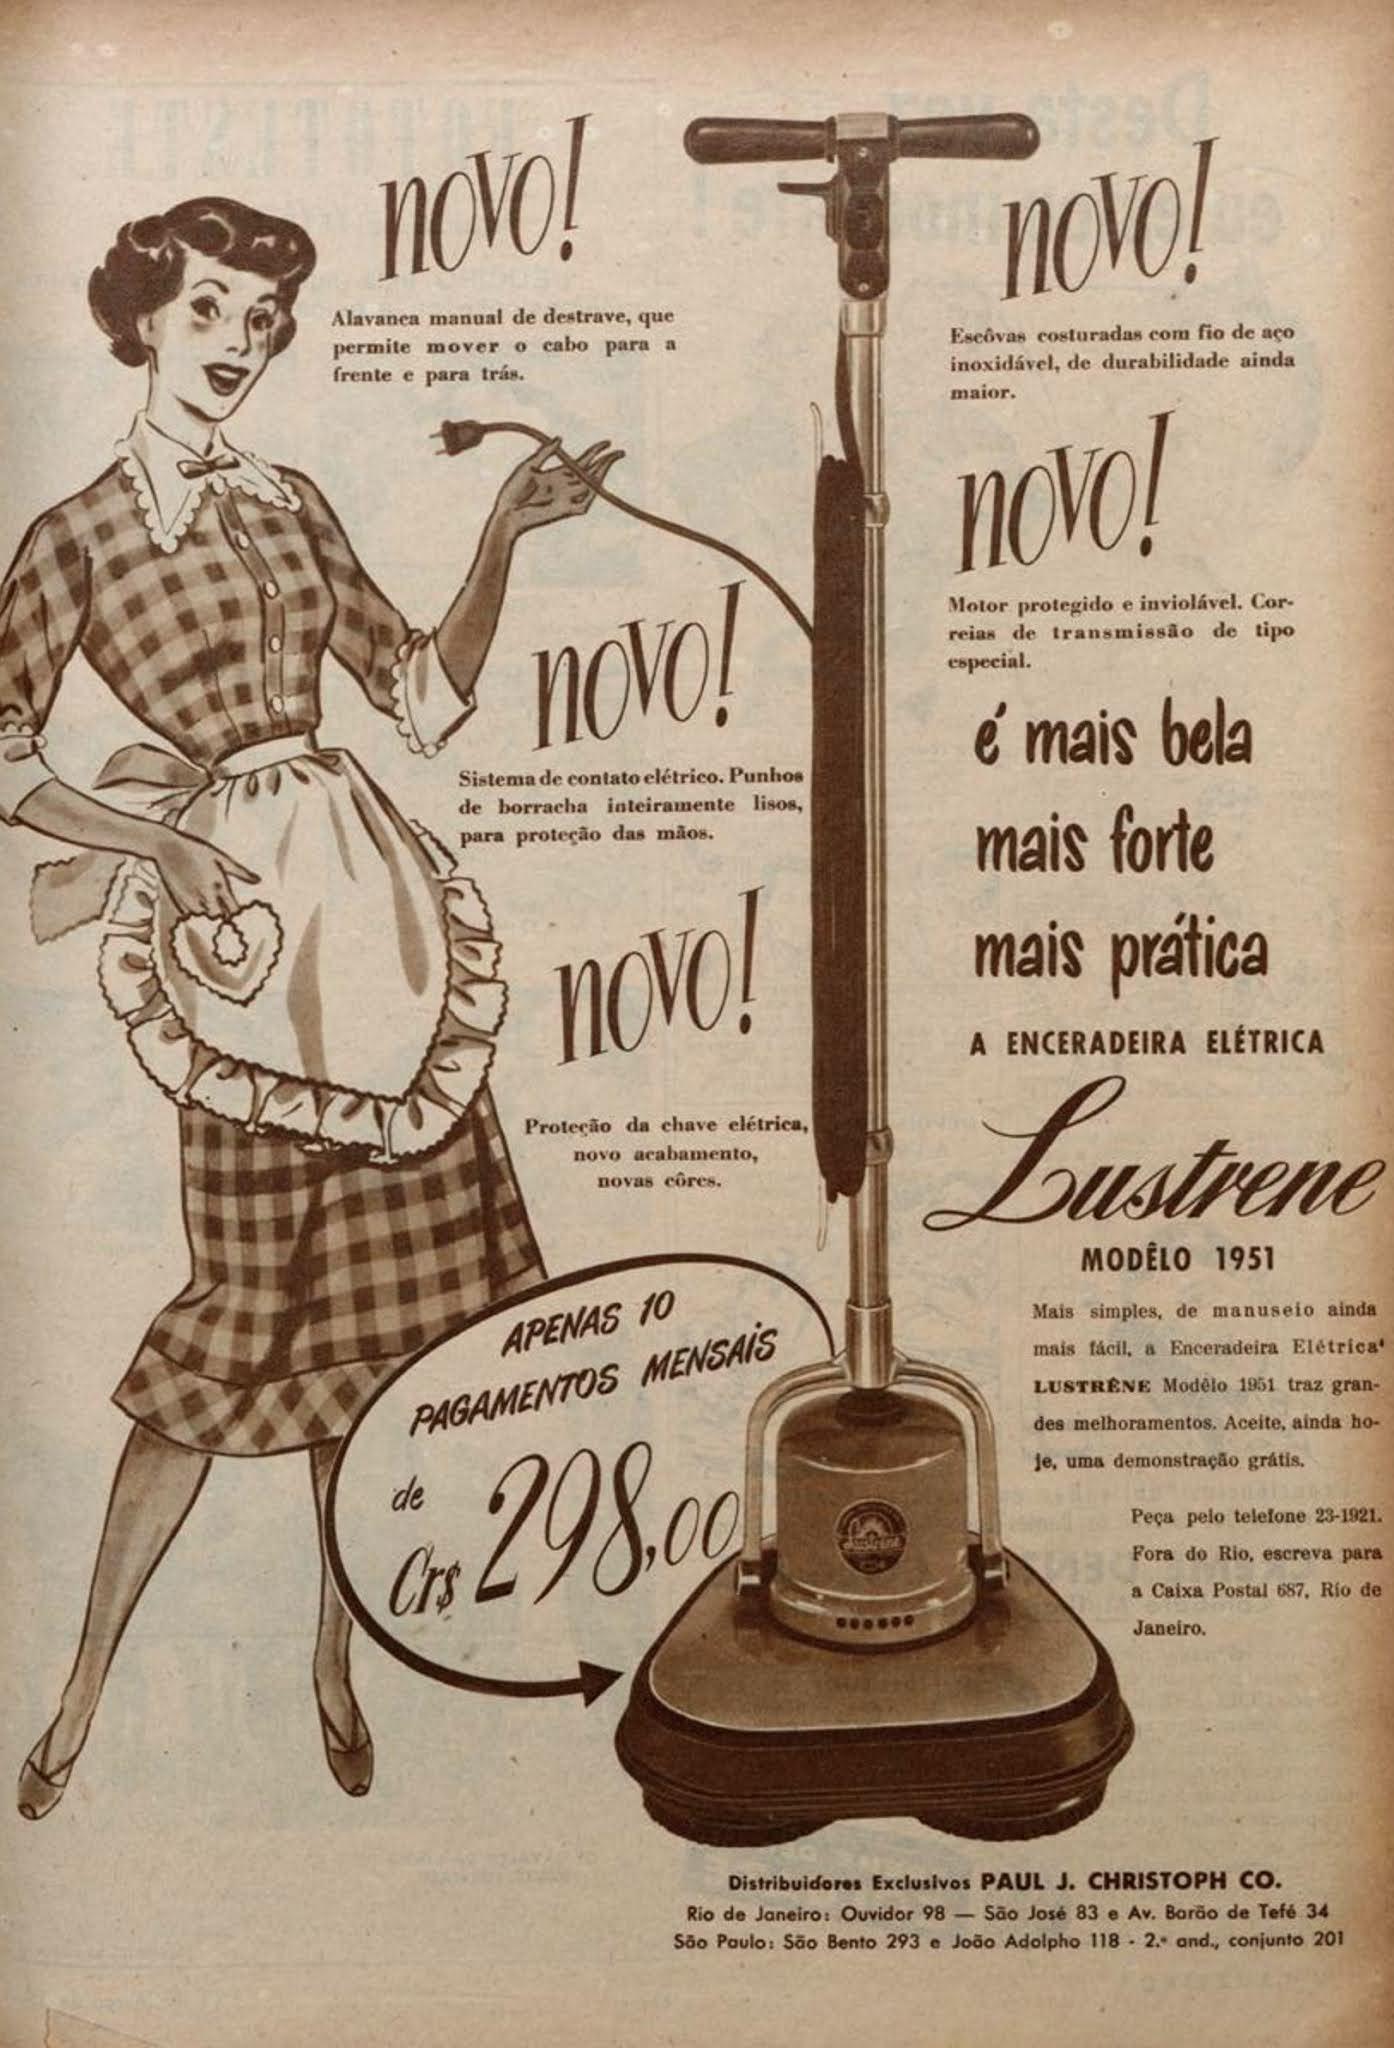 Anúncio promovendo a enceradeira Lustrene em 1951